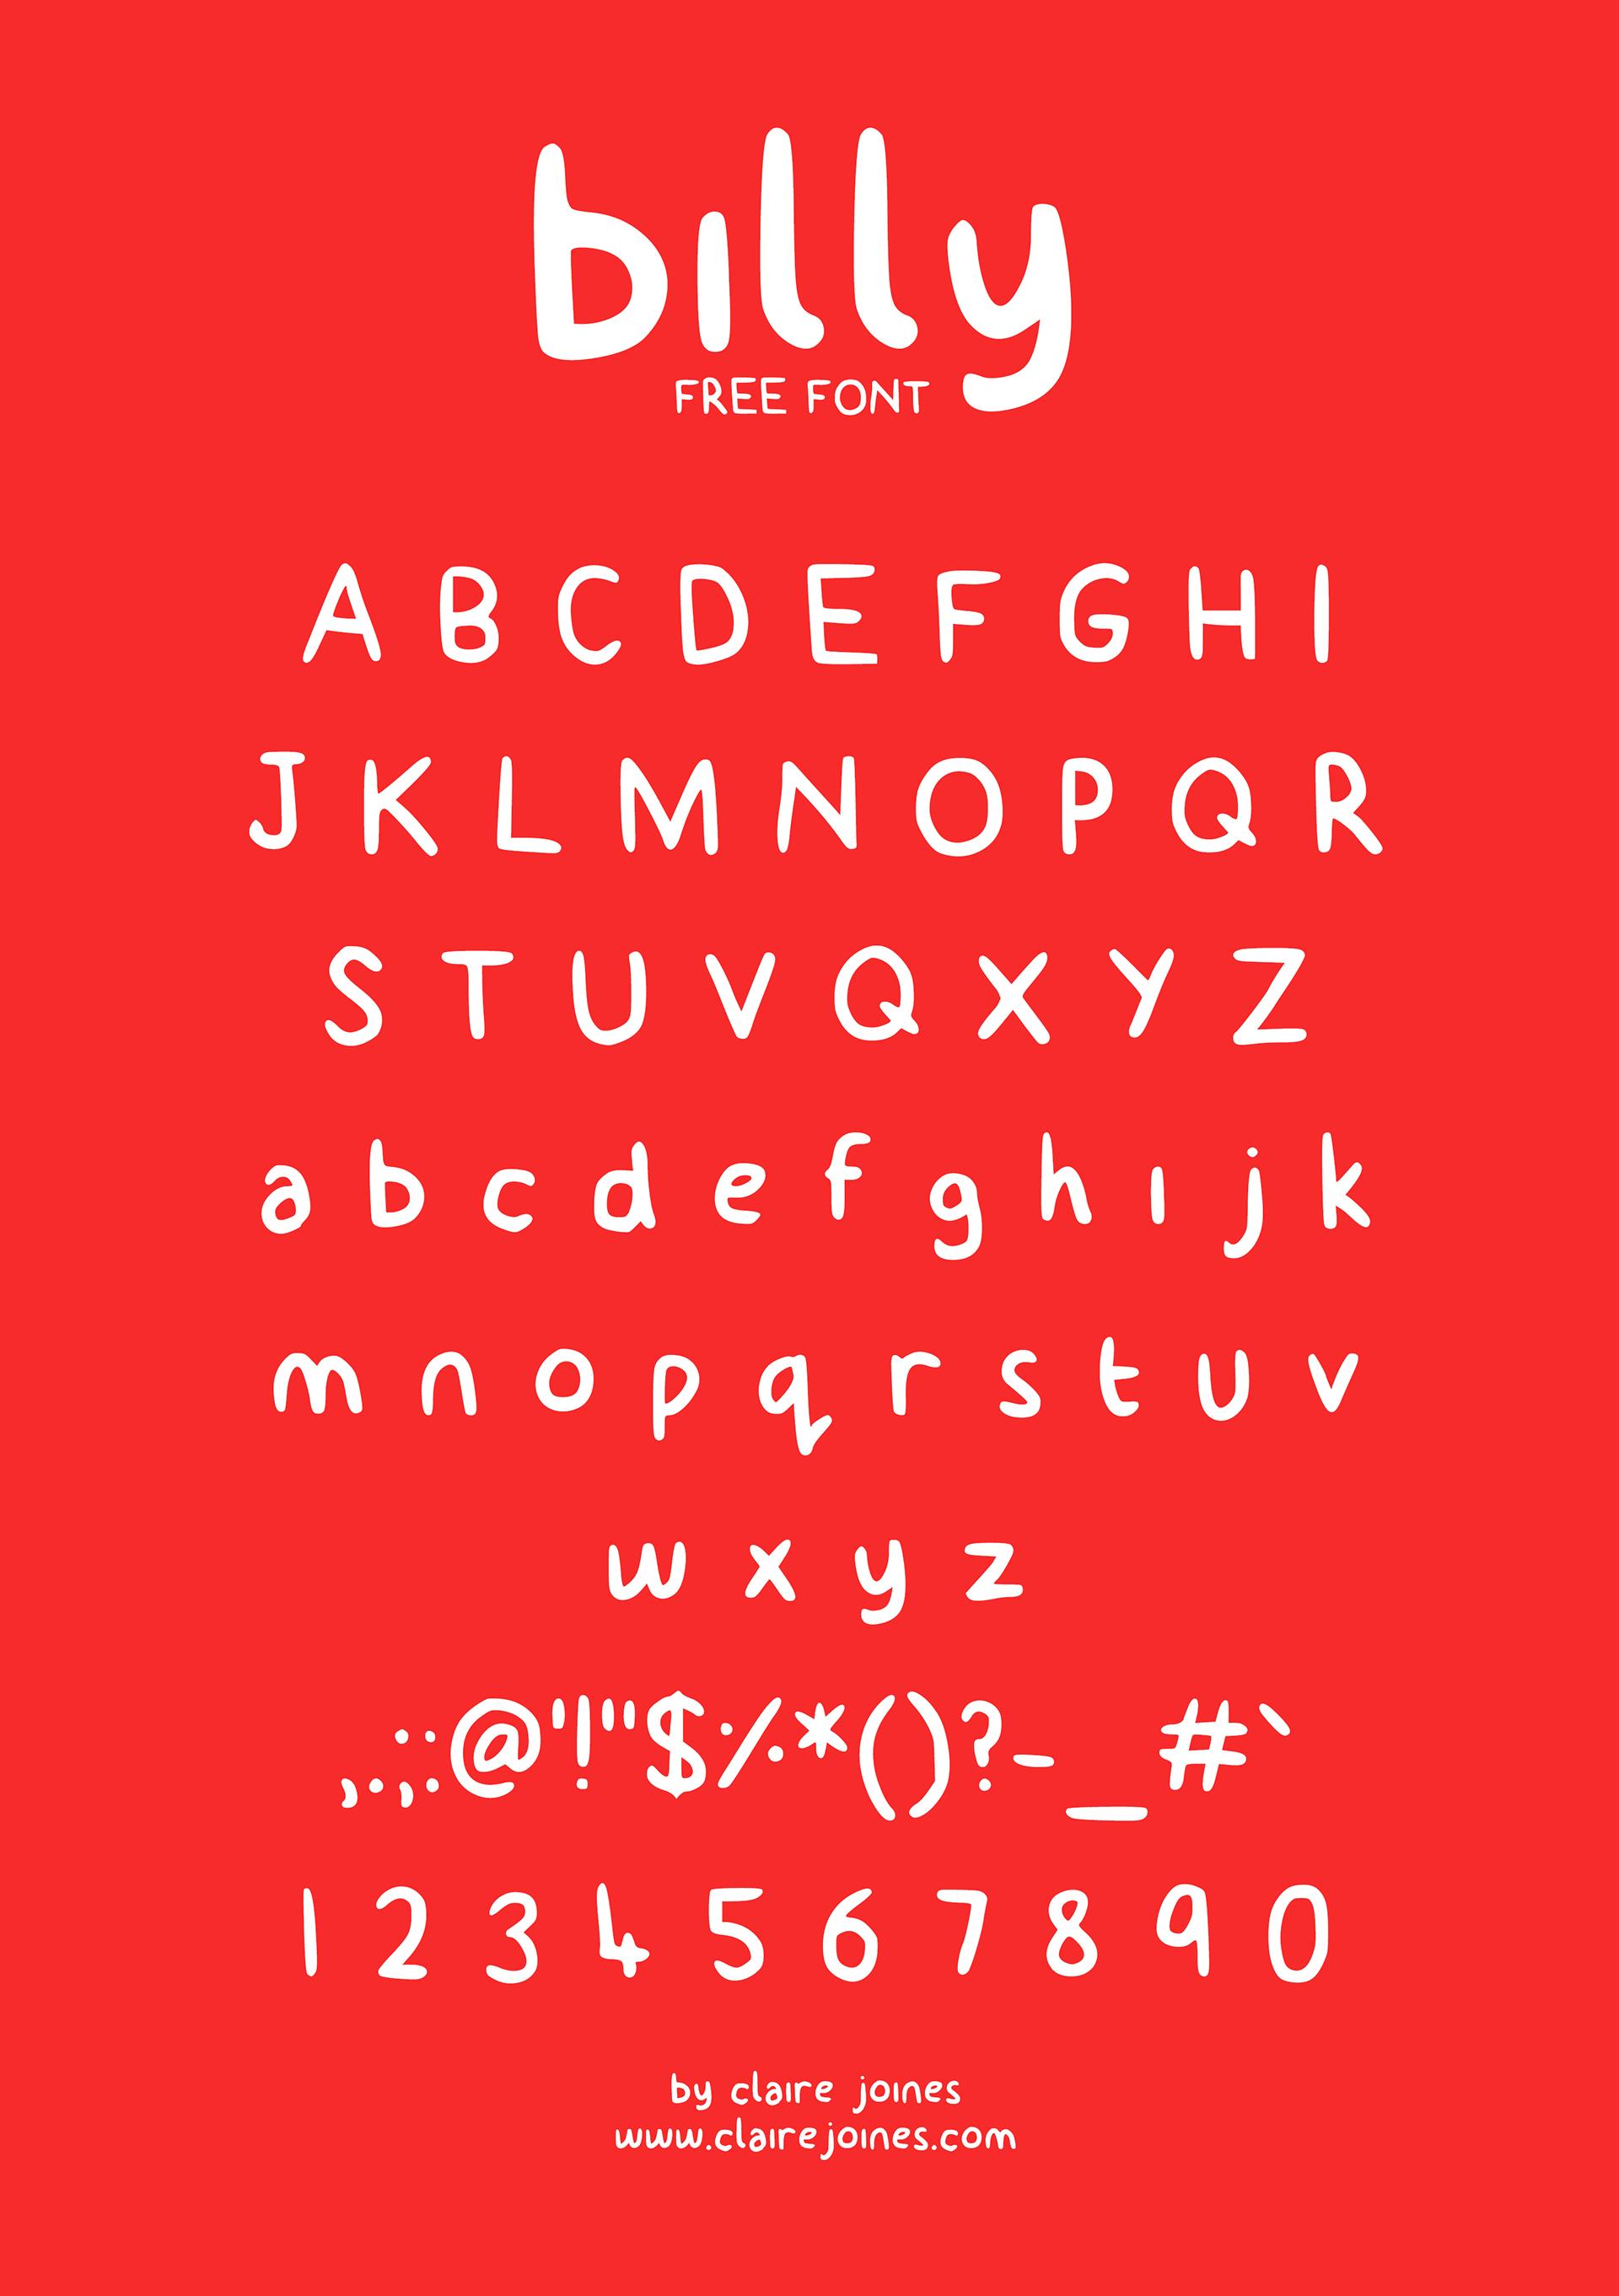 billy Free Font - script